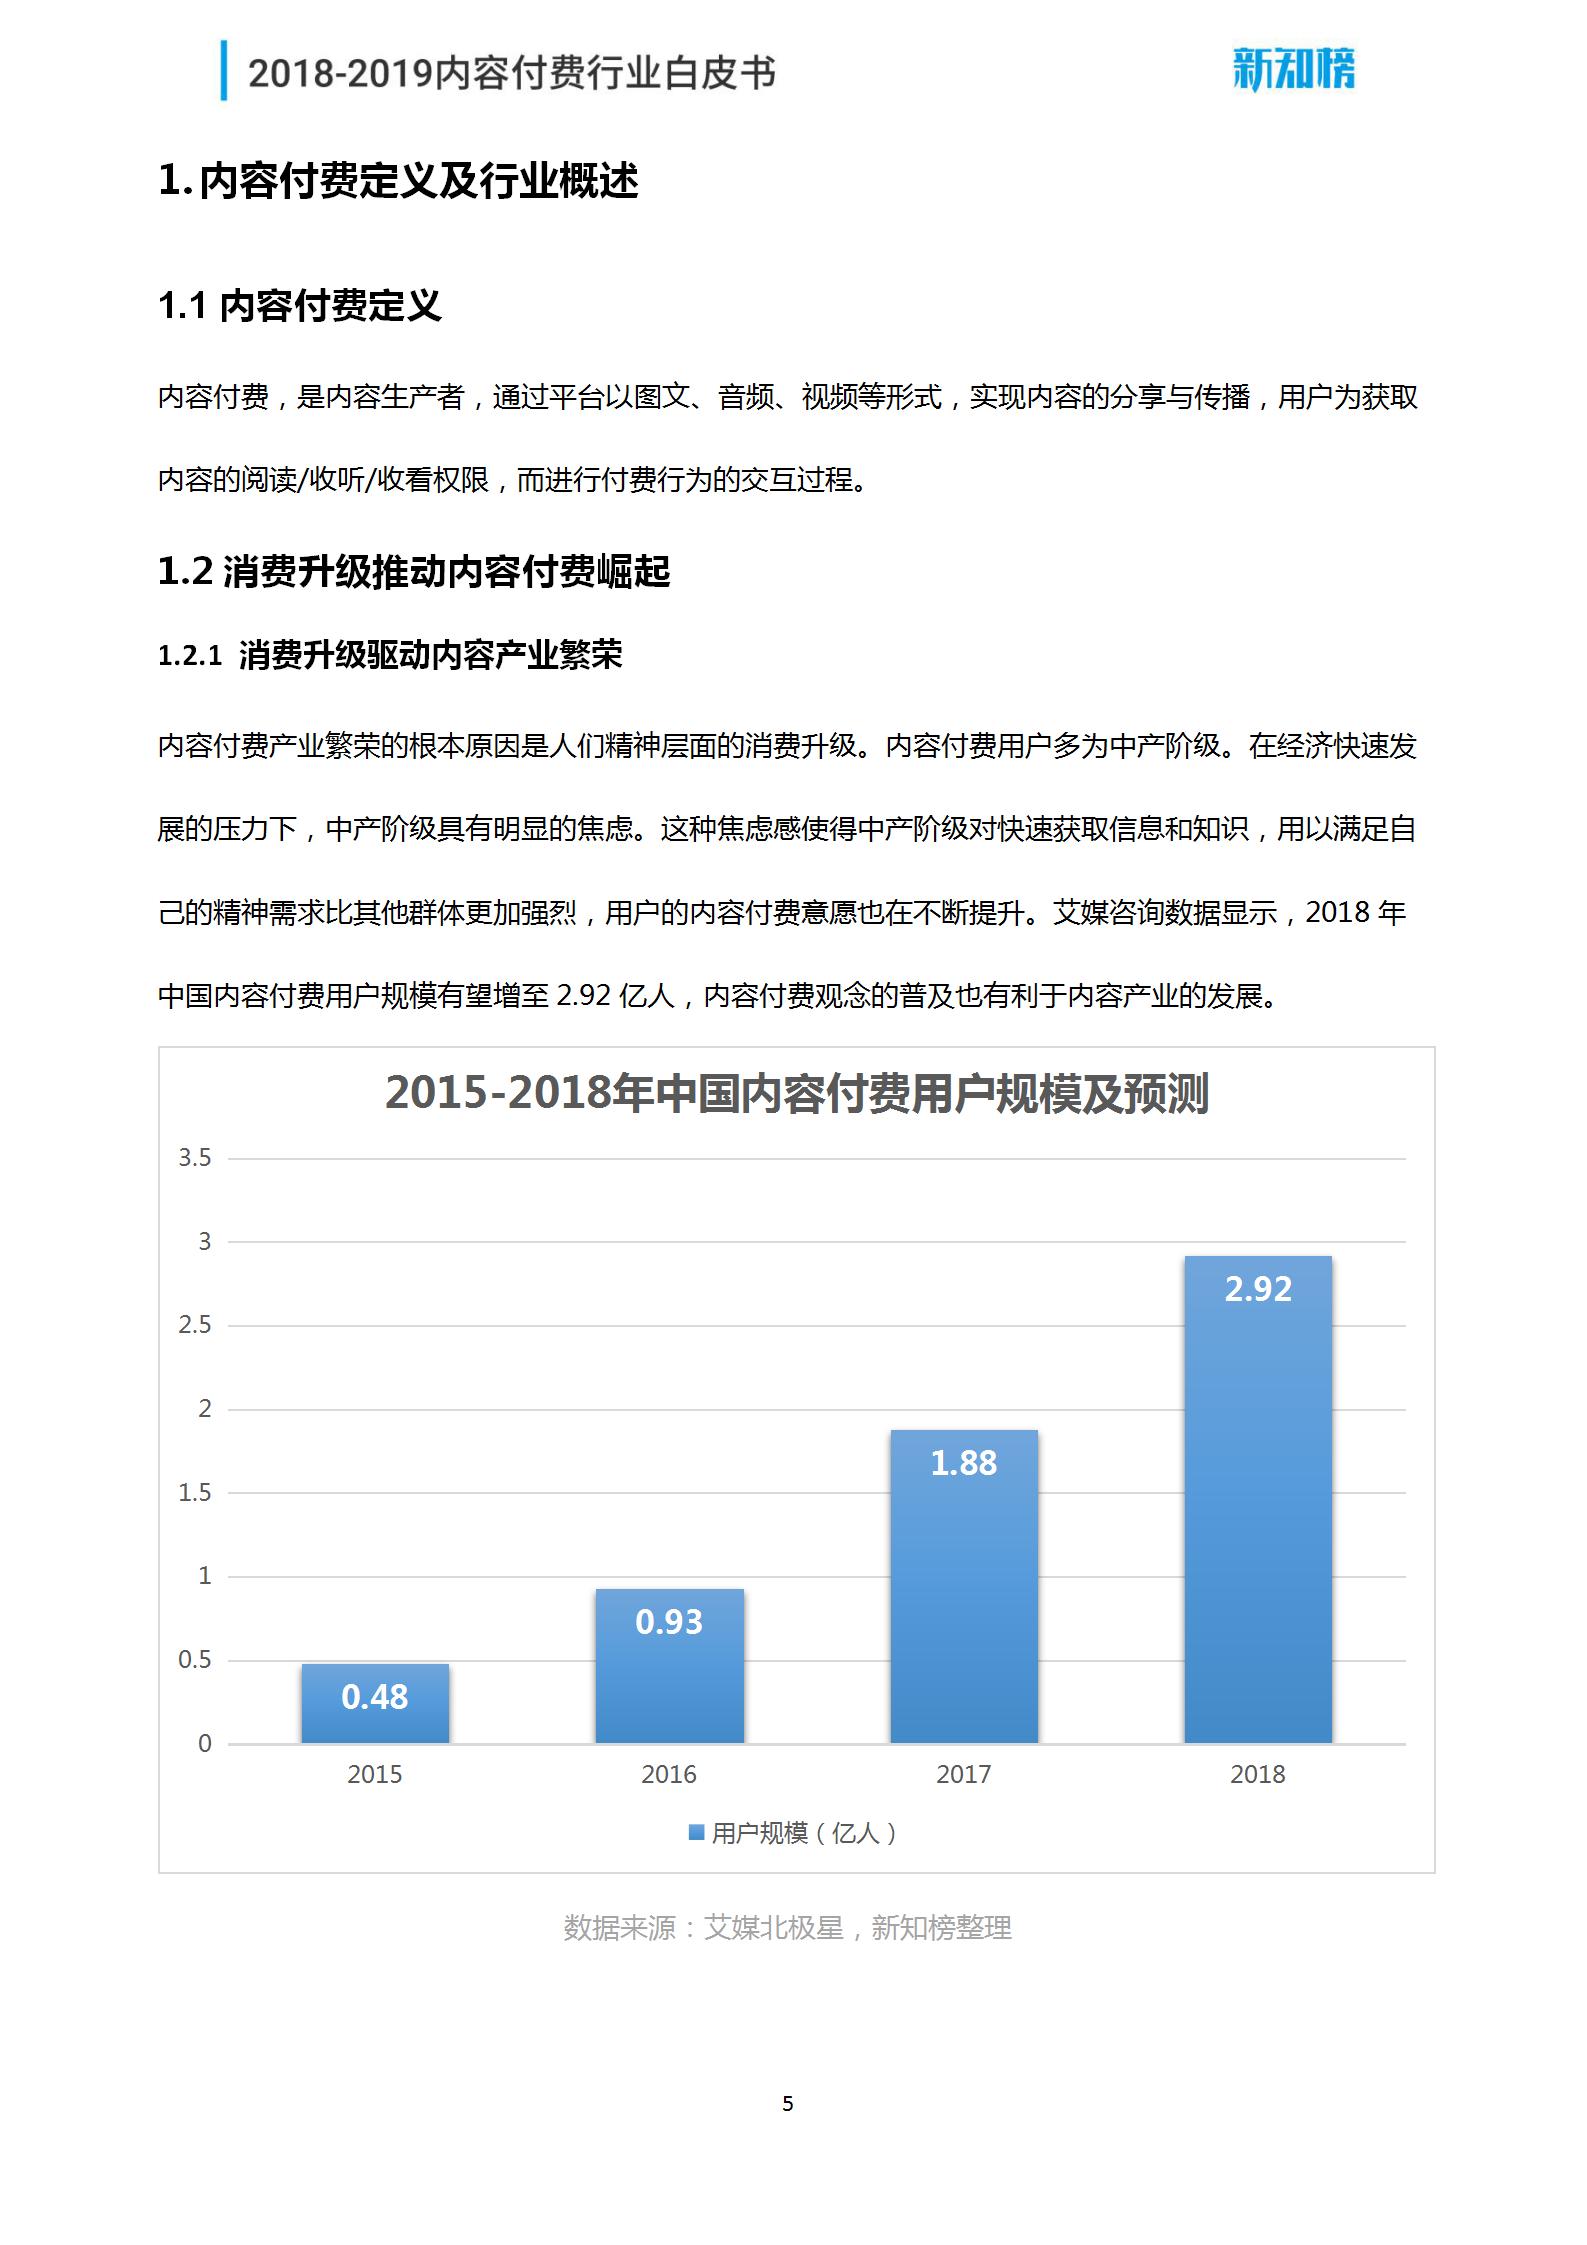 新知榜2018-2019内容付费行业白皮书_05.png